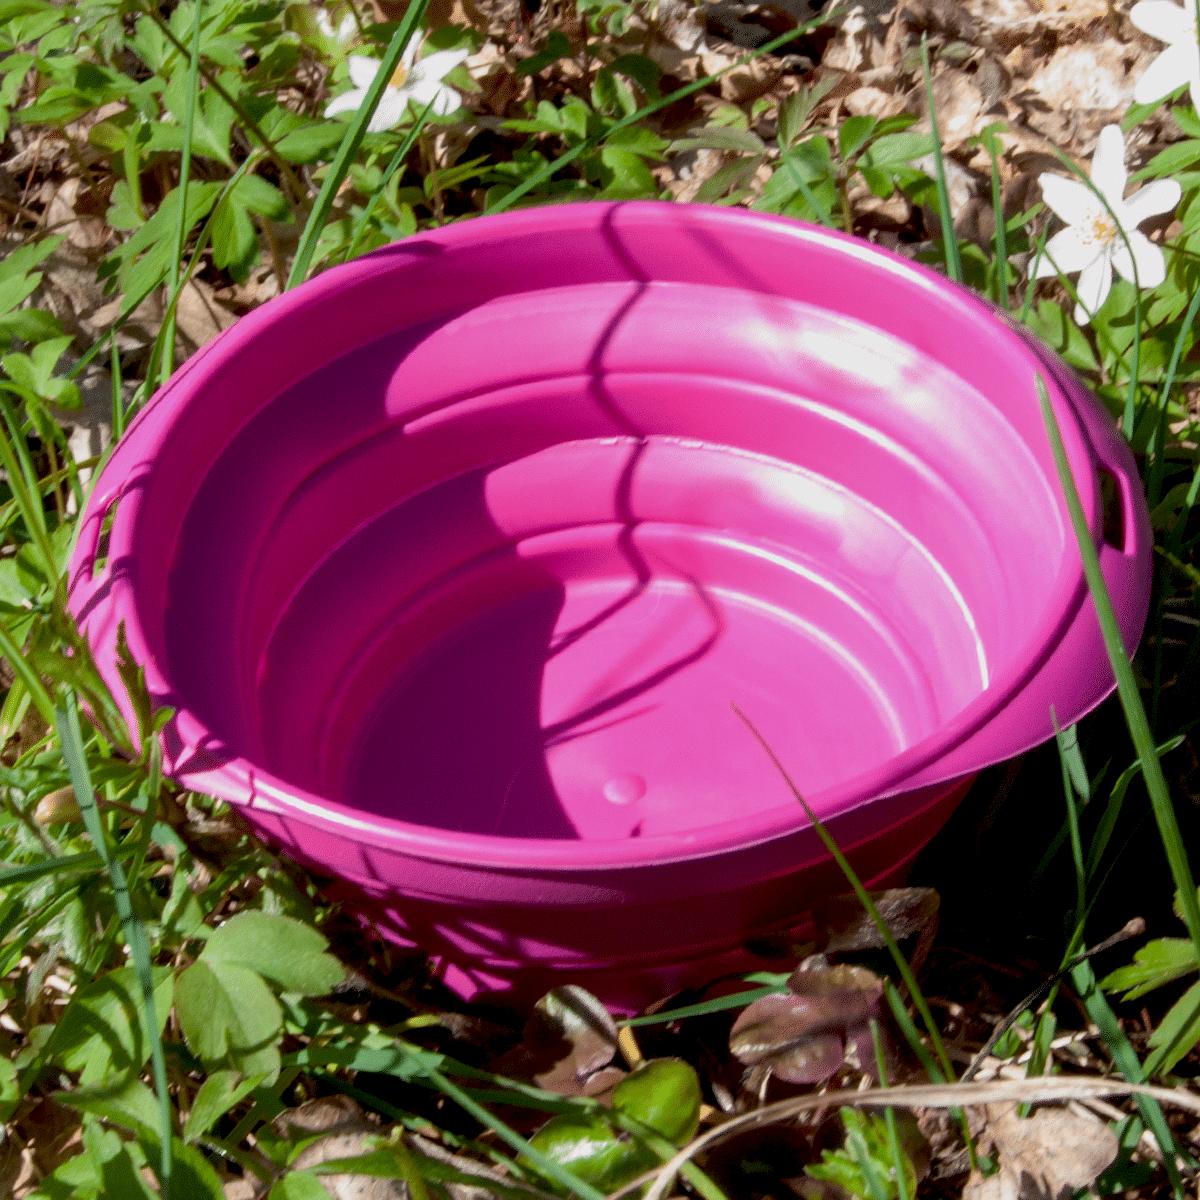 Hopfällbar vattenskål till hunden - perfekt till utflykten